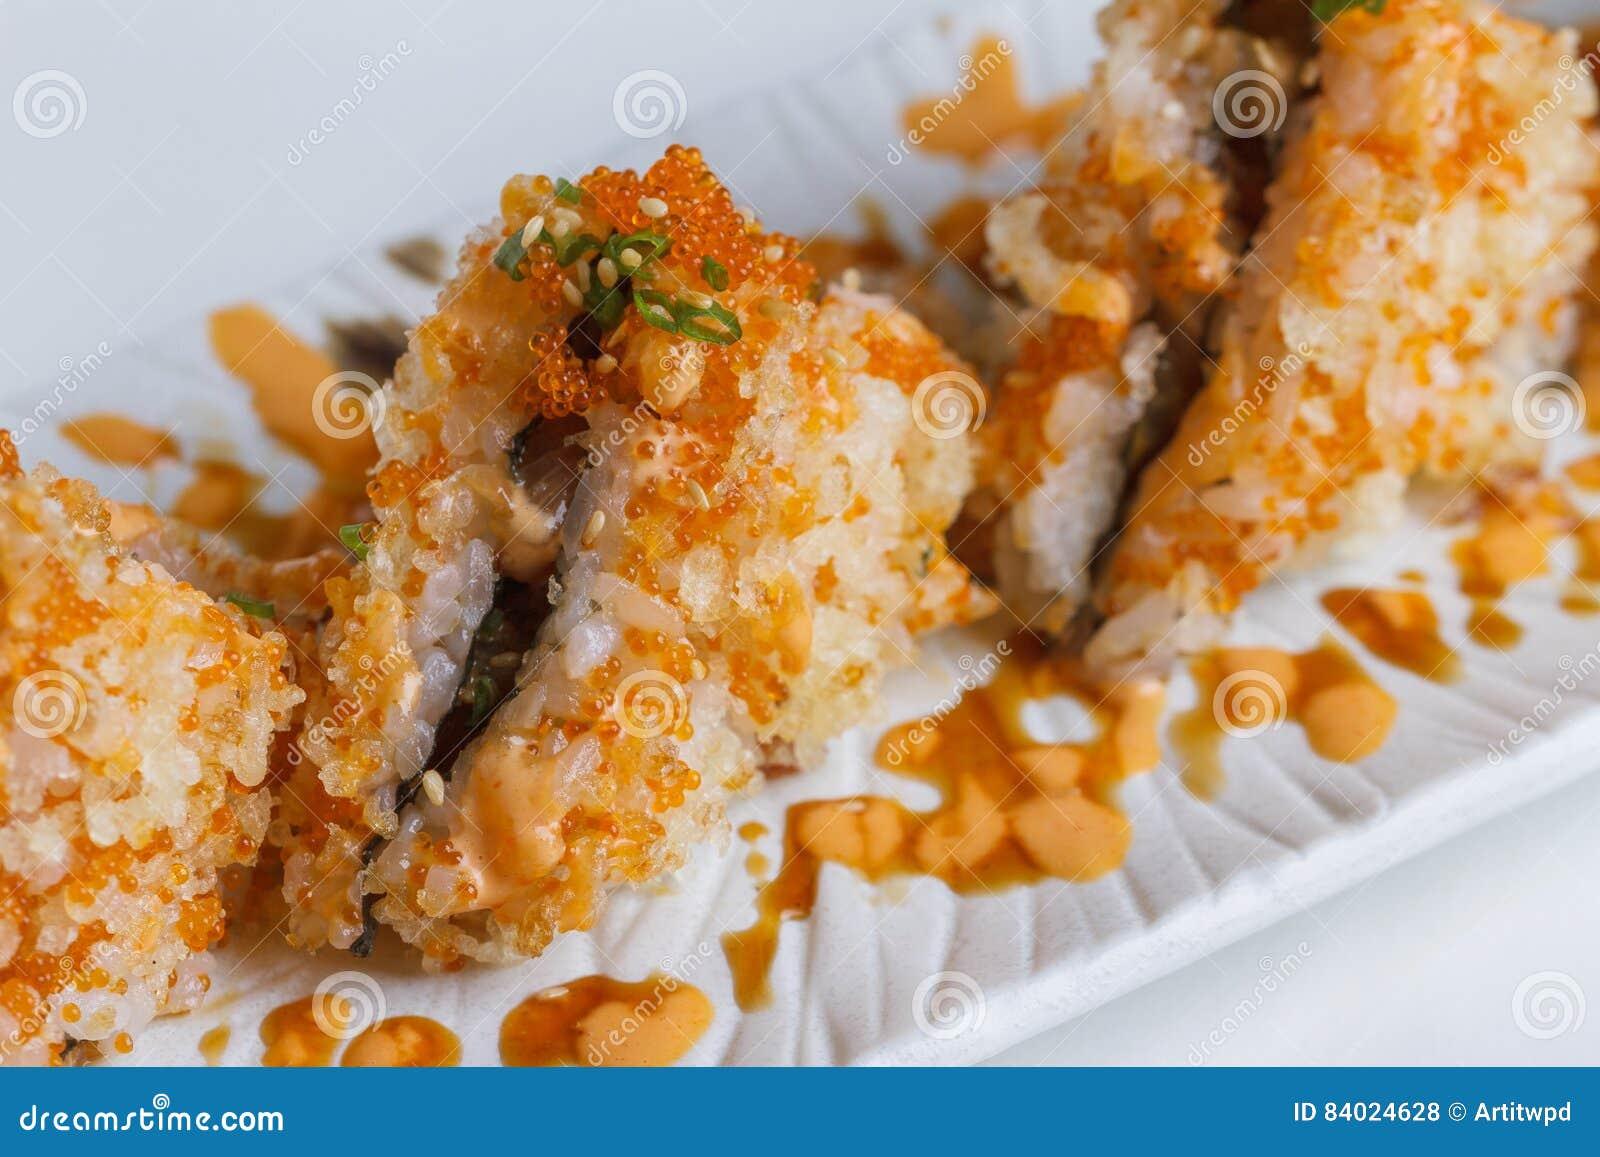 Maguro Onigiri Japanese Rice Ball : Rice With Ebiko Wrap